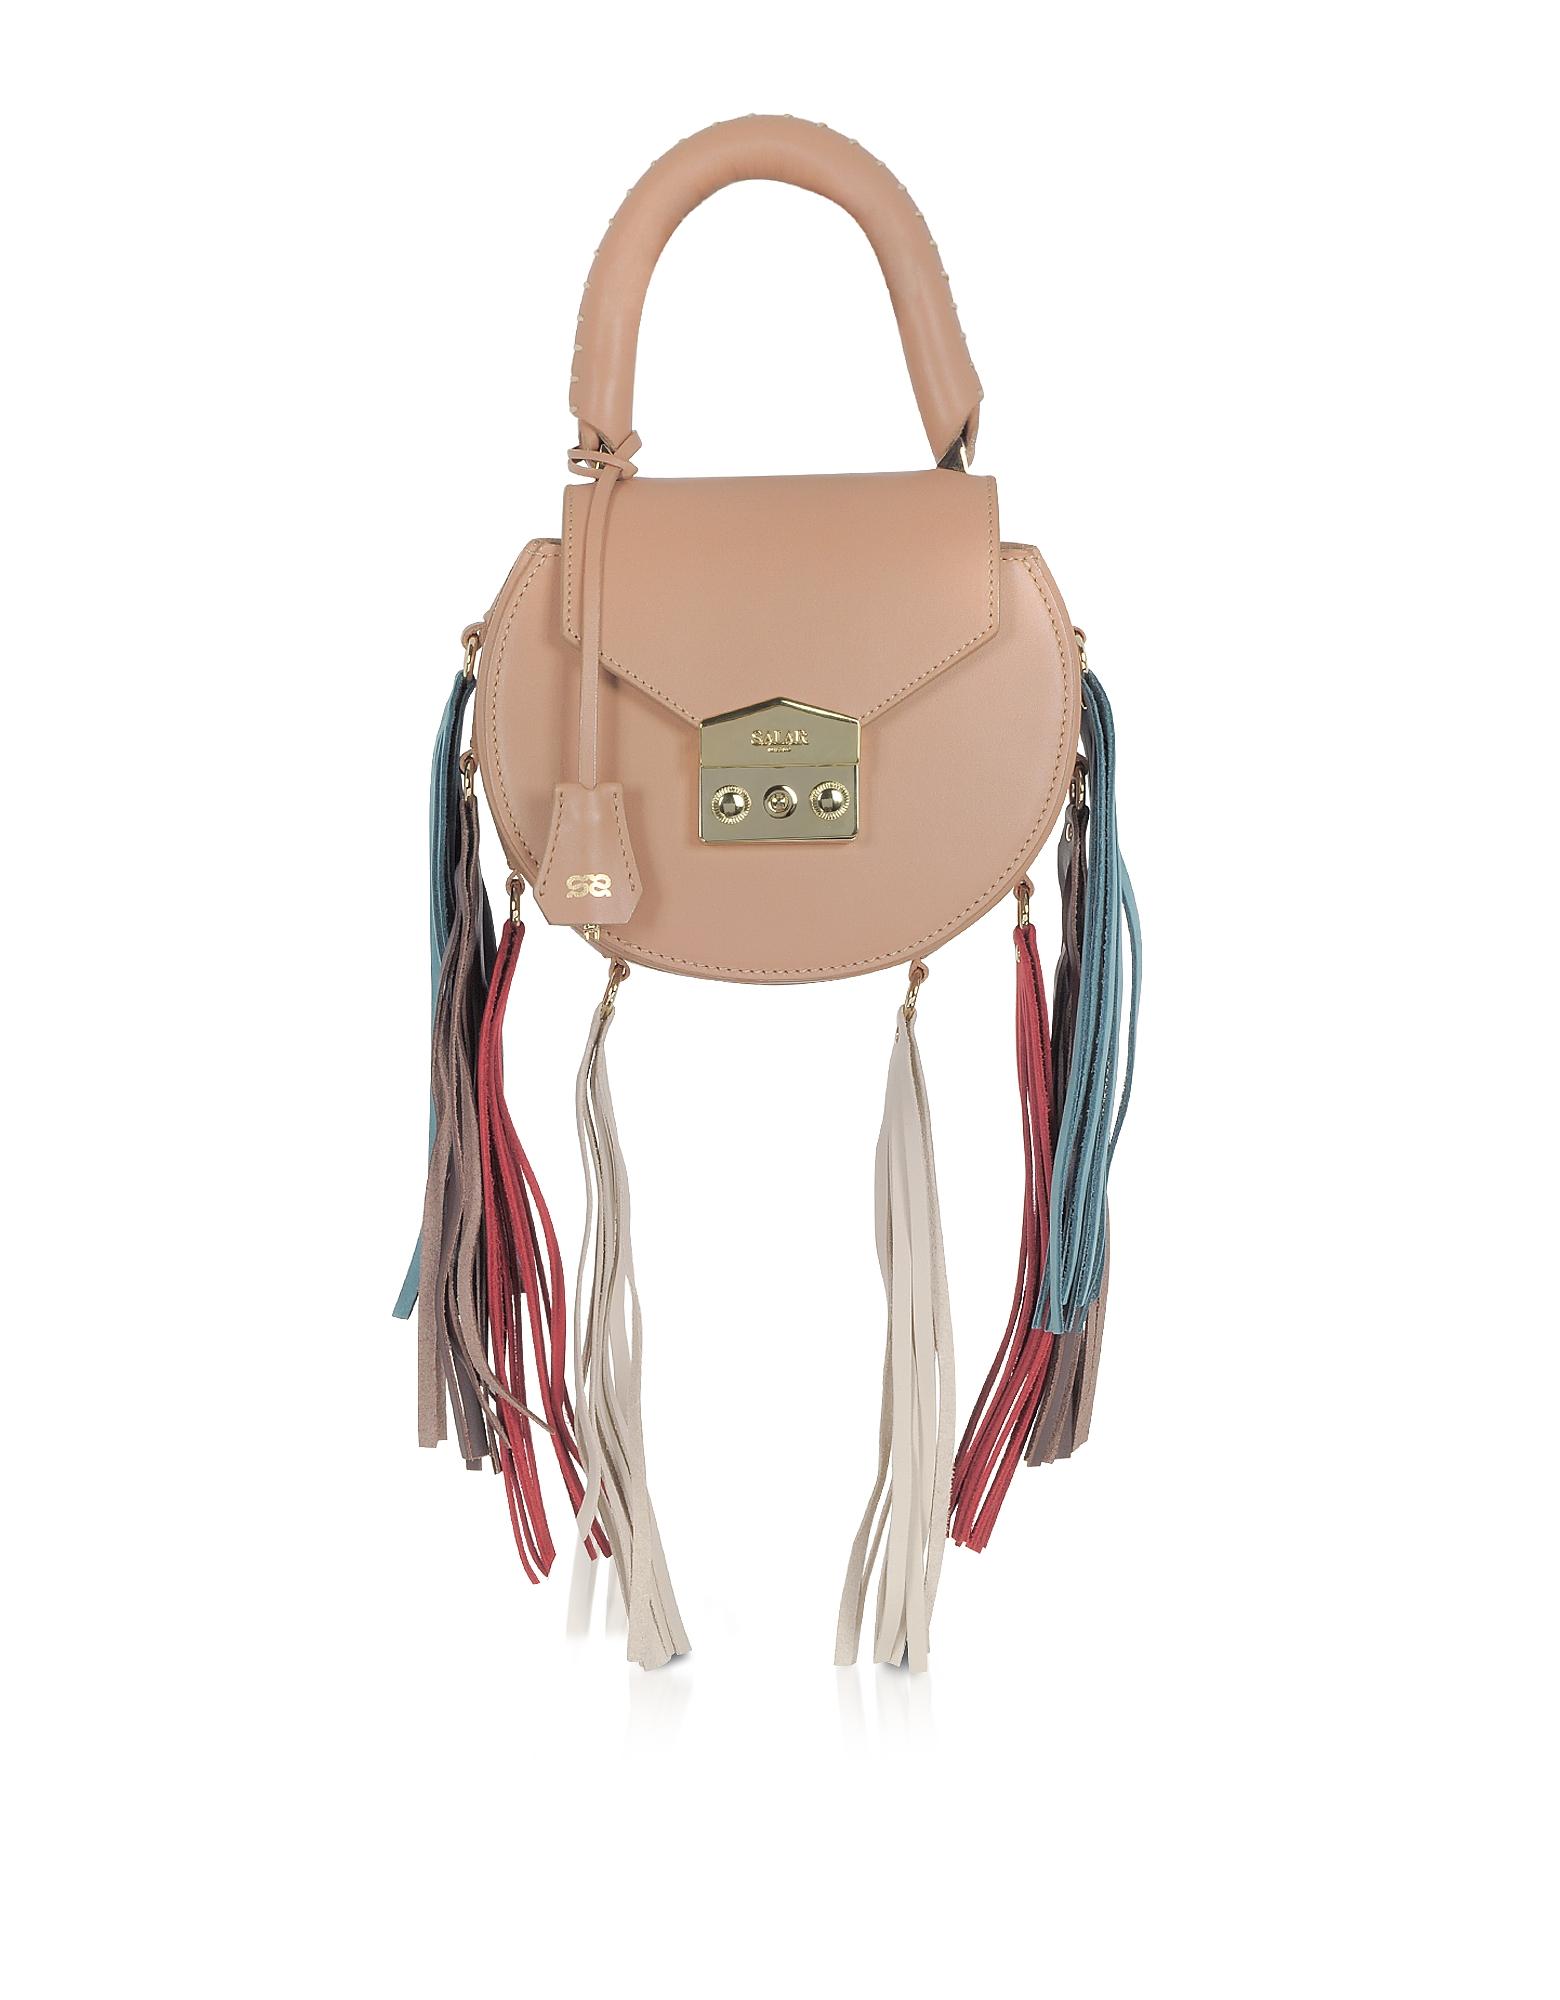 Фото Mimi Rainbow Cognac Leather Shoulder Bag w/Fringes. Купить с доставкой